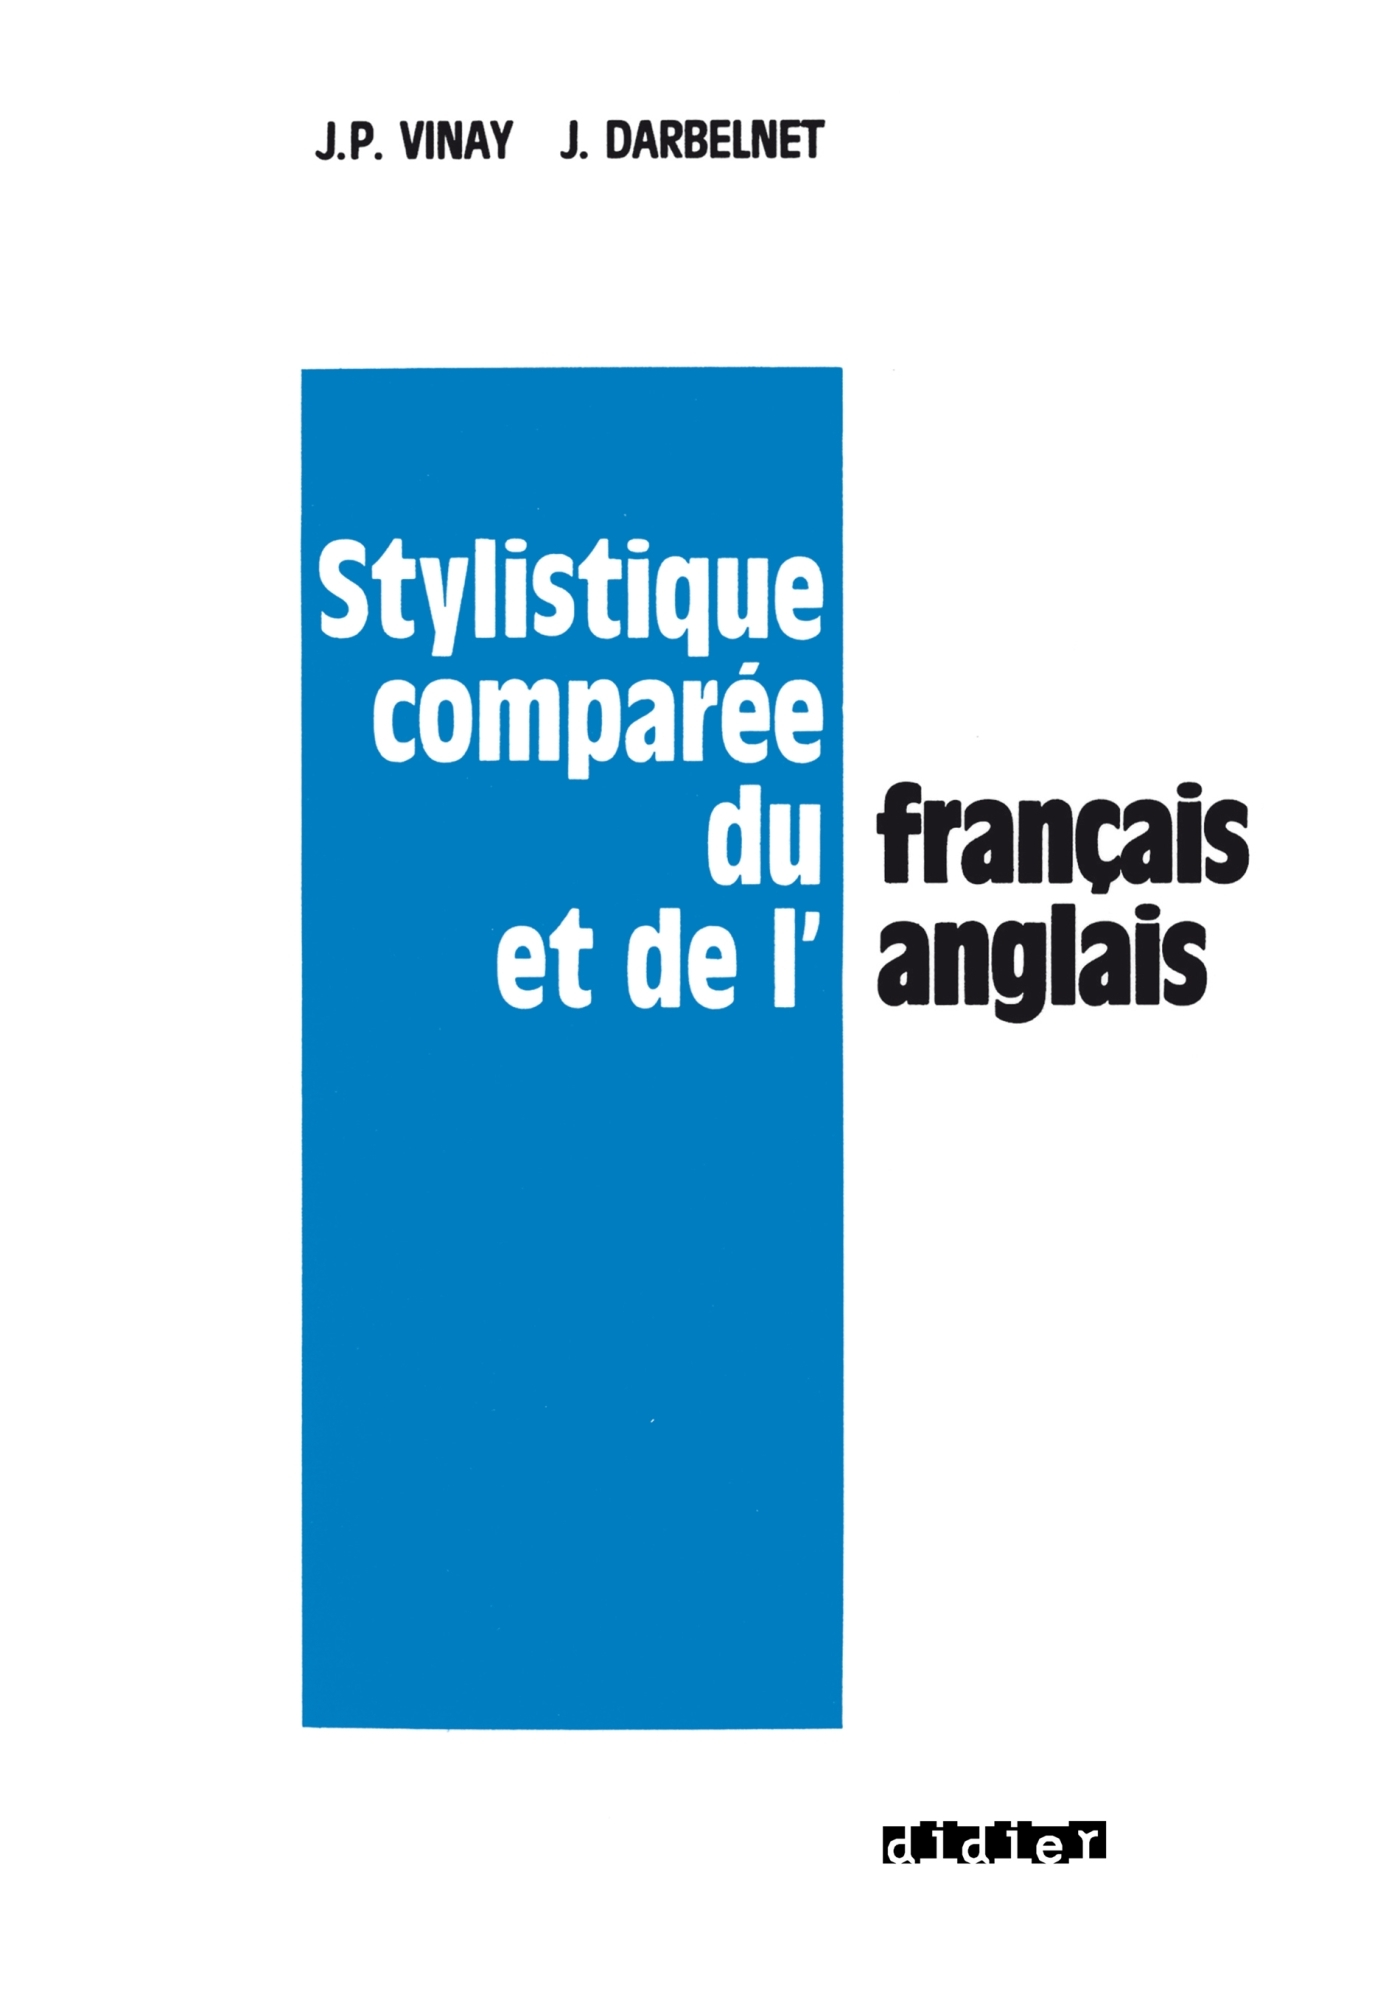 STYLISTIQUE COMPAREE DU FRANCAIS ET DE L'ANGLAIS - LIVRE